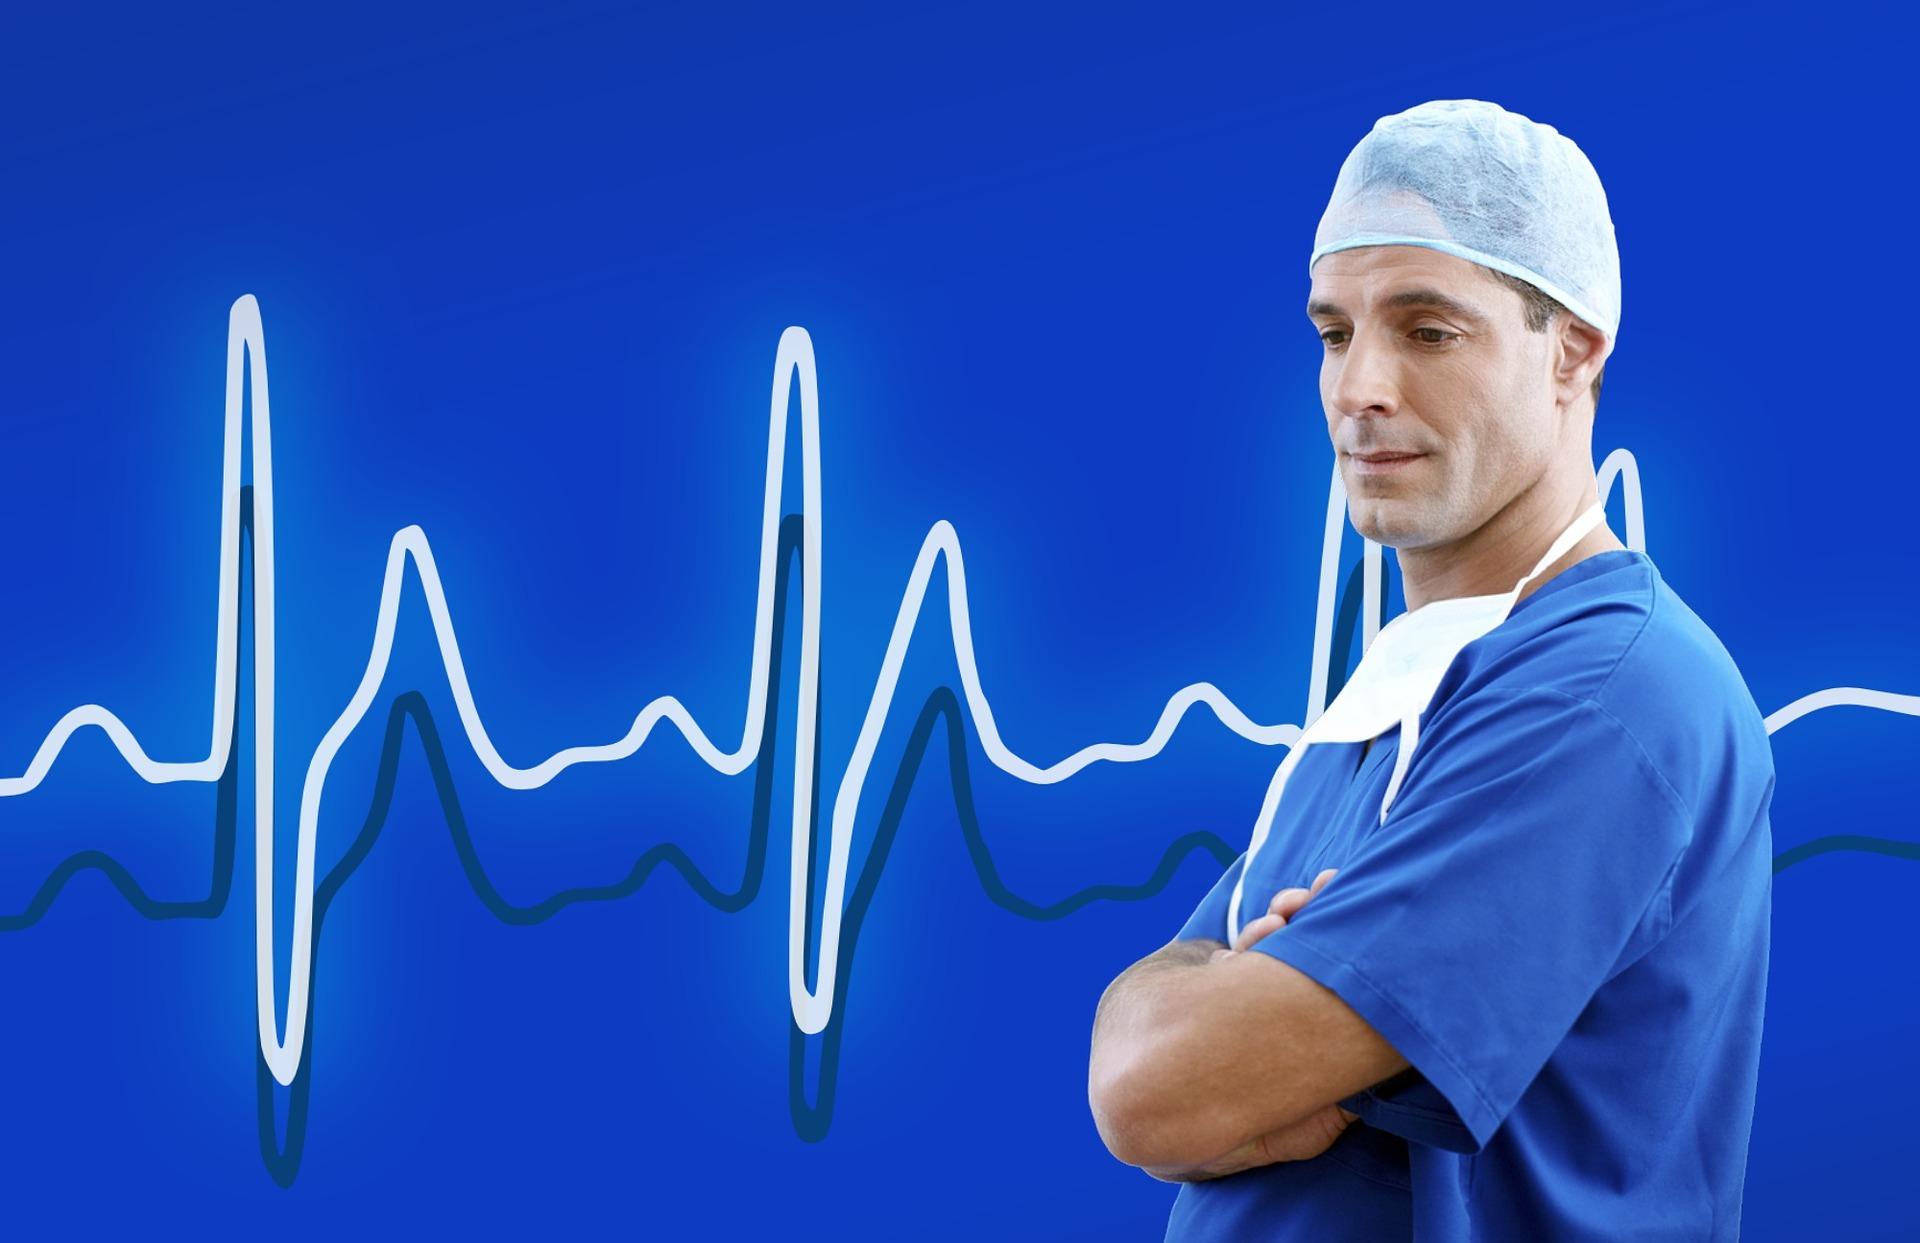 Ubezpieczenia na życie dla lekarzy